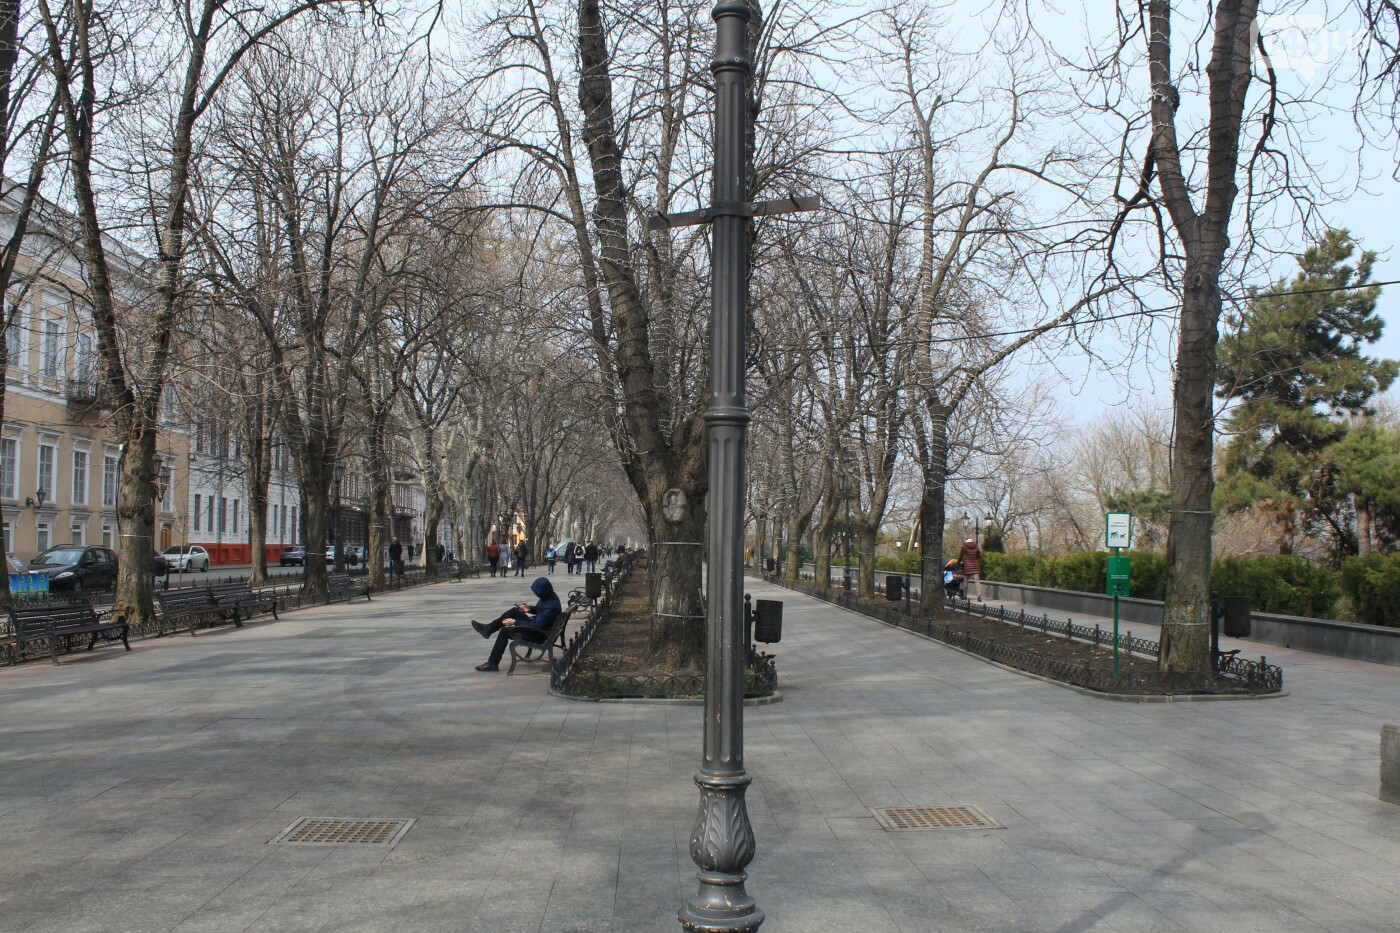 Приморский бульвар в Одессе сегодня и много лет назад: подборка фотографий, - ФОТО , фото-8